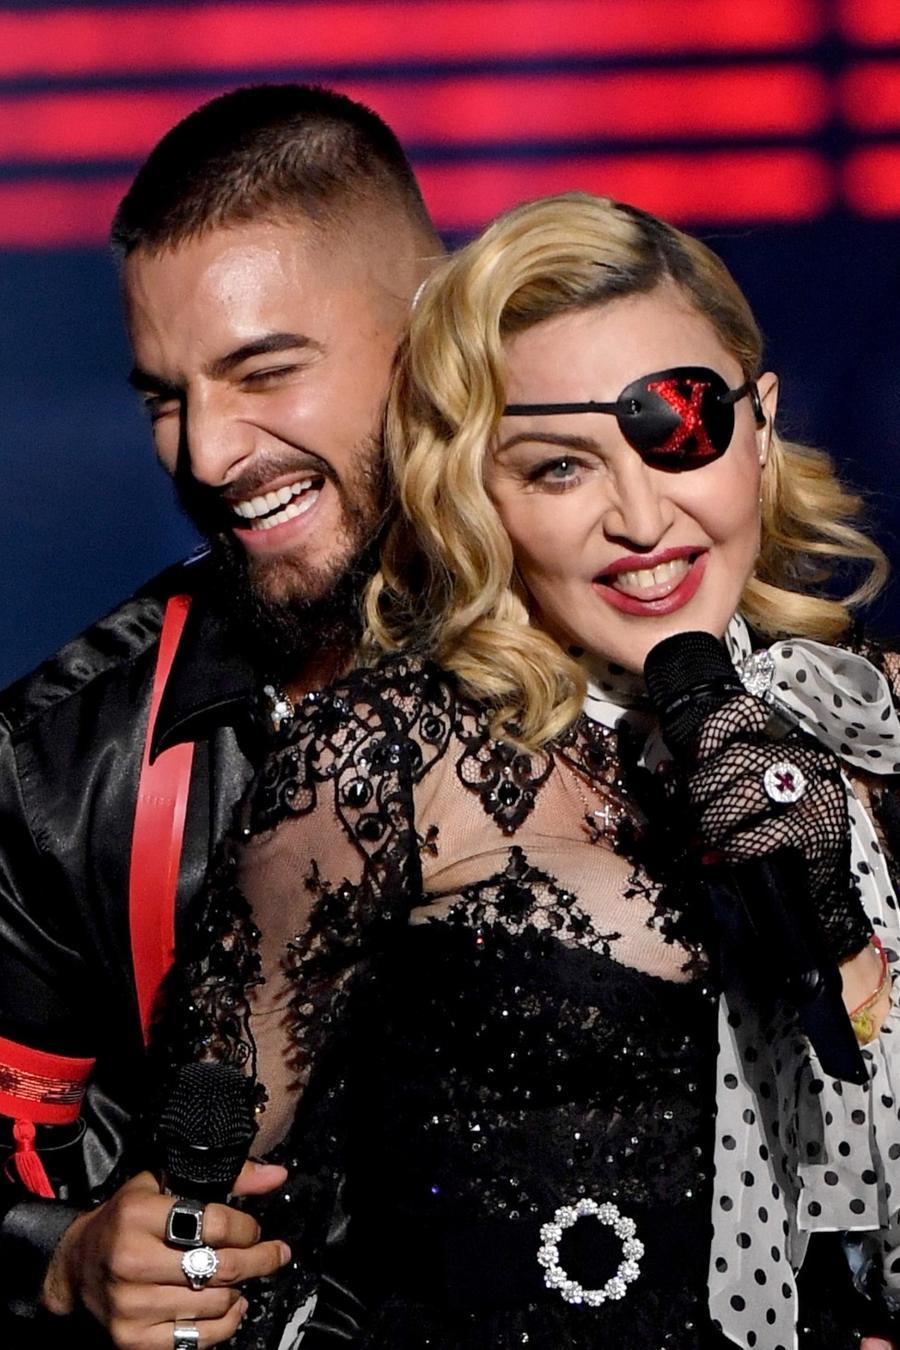 Maluma and Madonna at the 2019 Billboard Music Awards